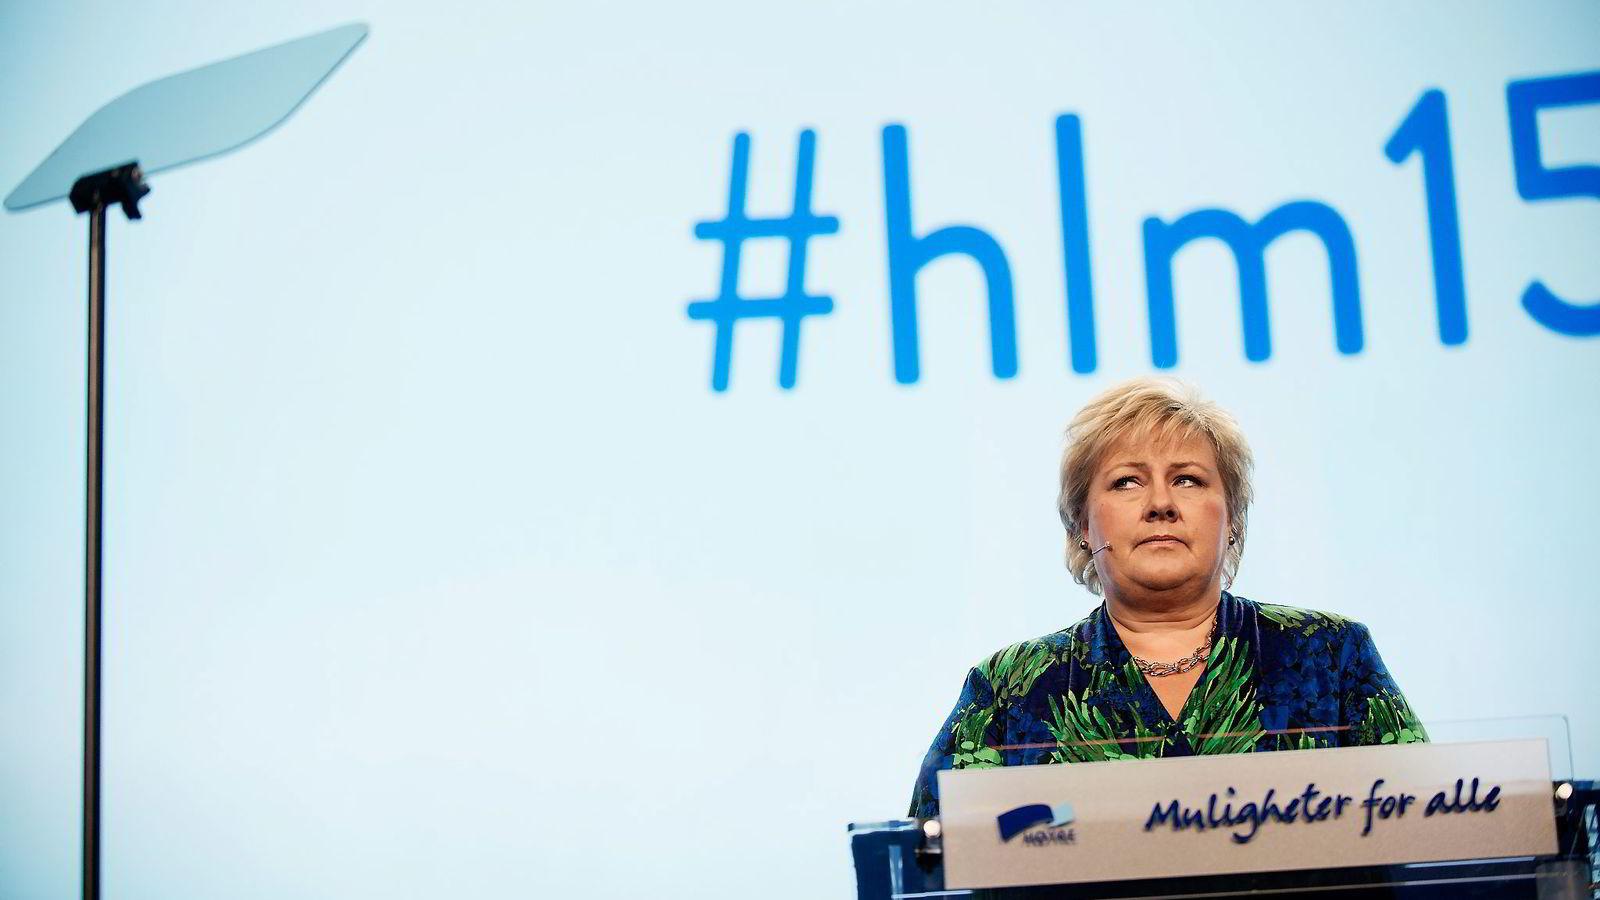 Denne uken er det Høyre som har landsmøte. Kanskje kan vi håpe på mer rettslig orientert regjeringshjelp her? Skriver Hege Skjeie. Her fra Erna Solbergs åpningstale igår.